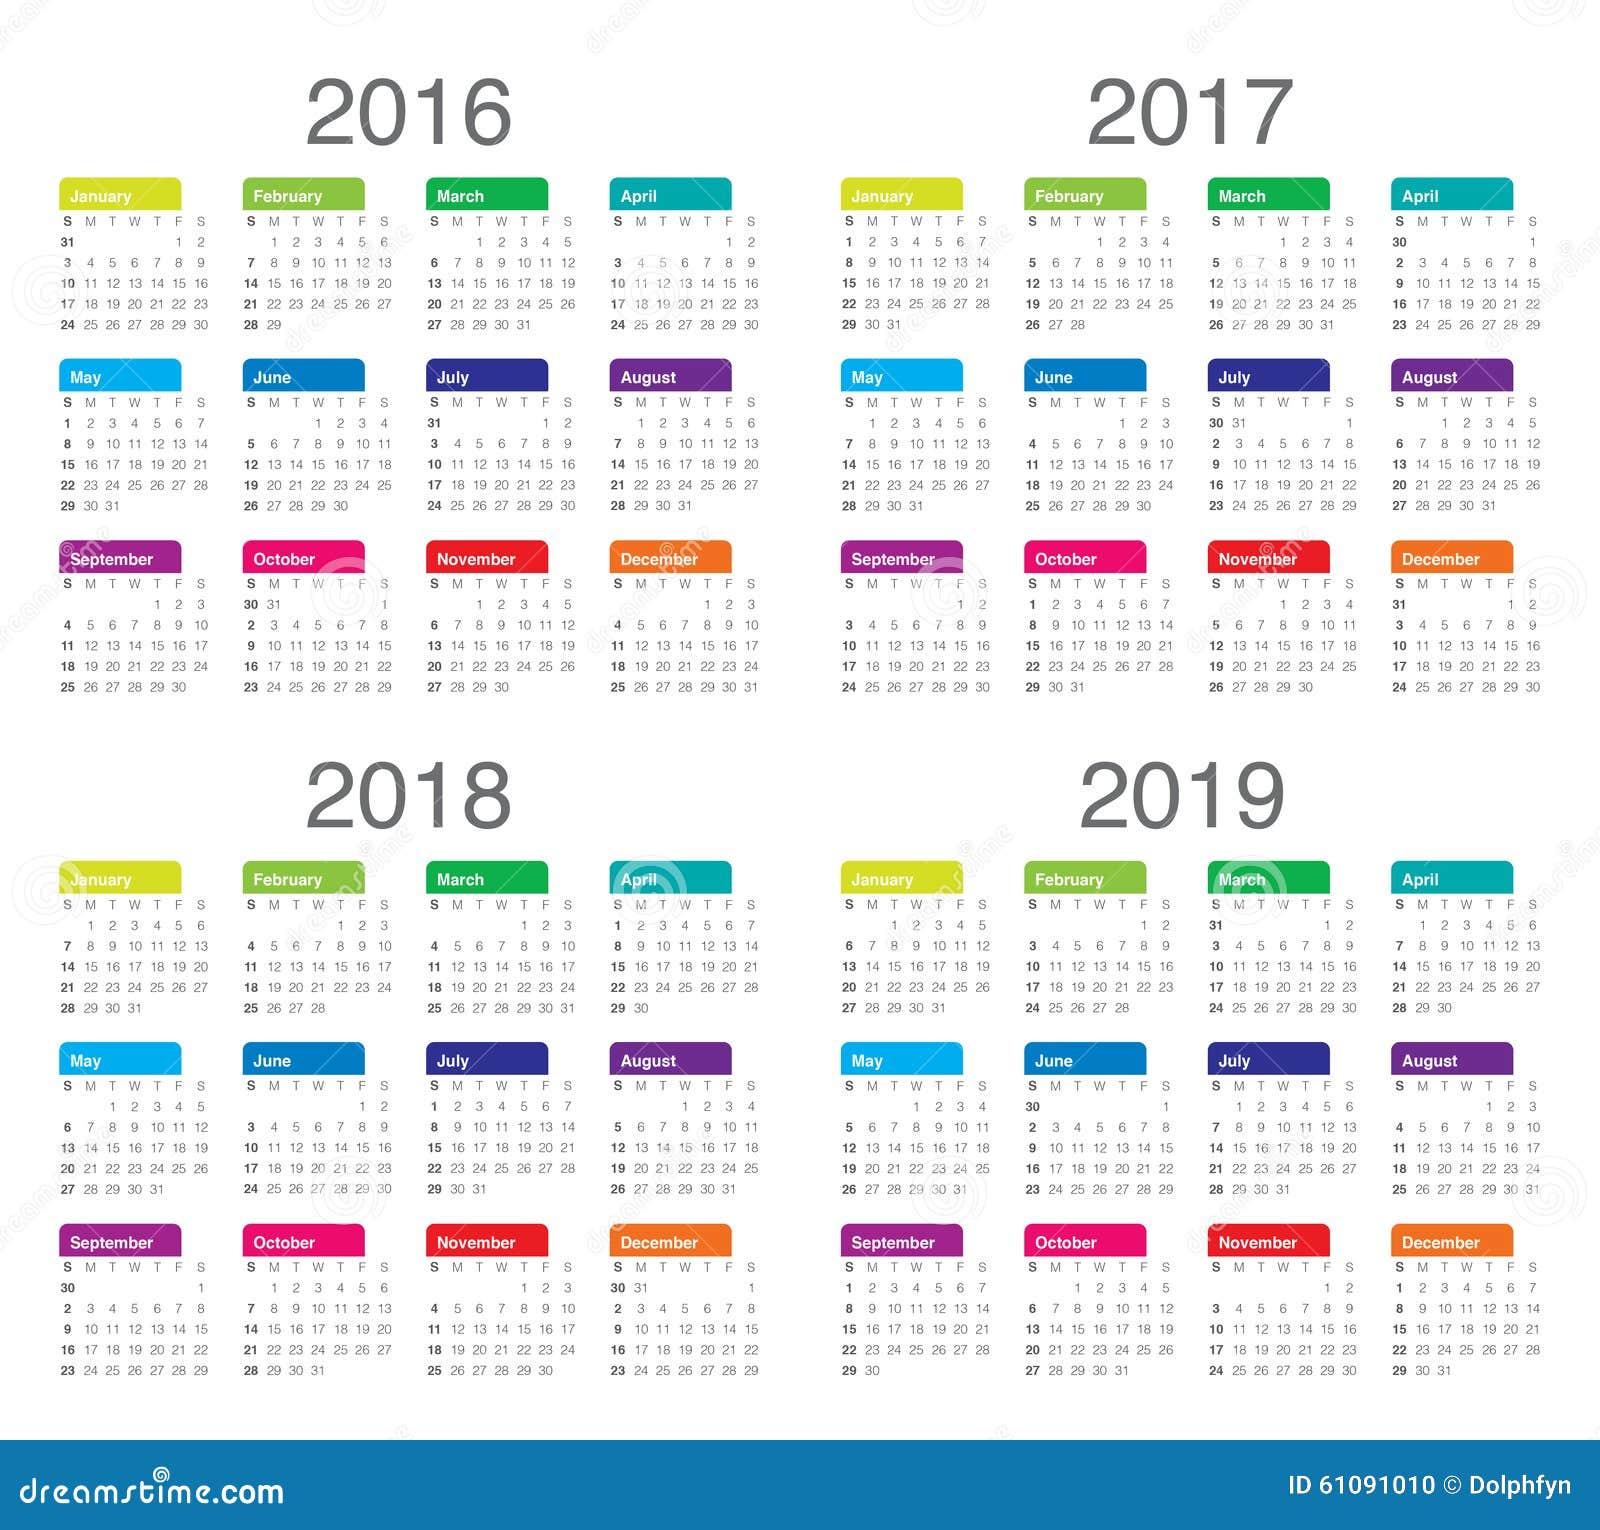 Фестиваль плаката дизайн 2017-2018